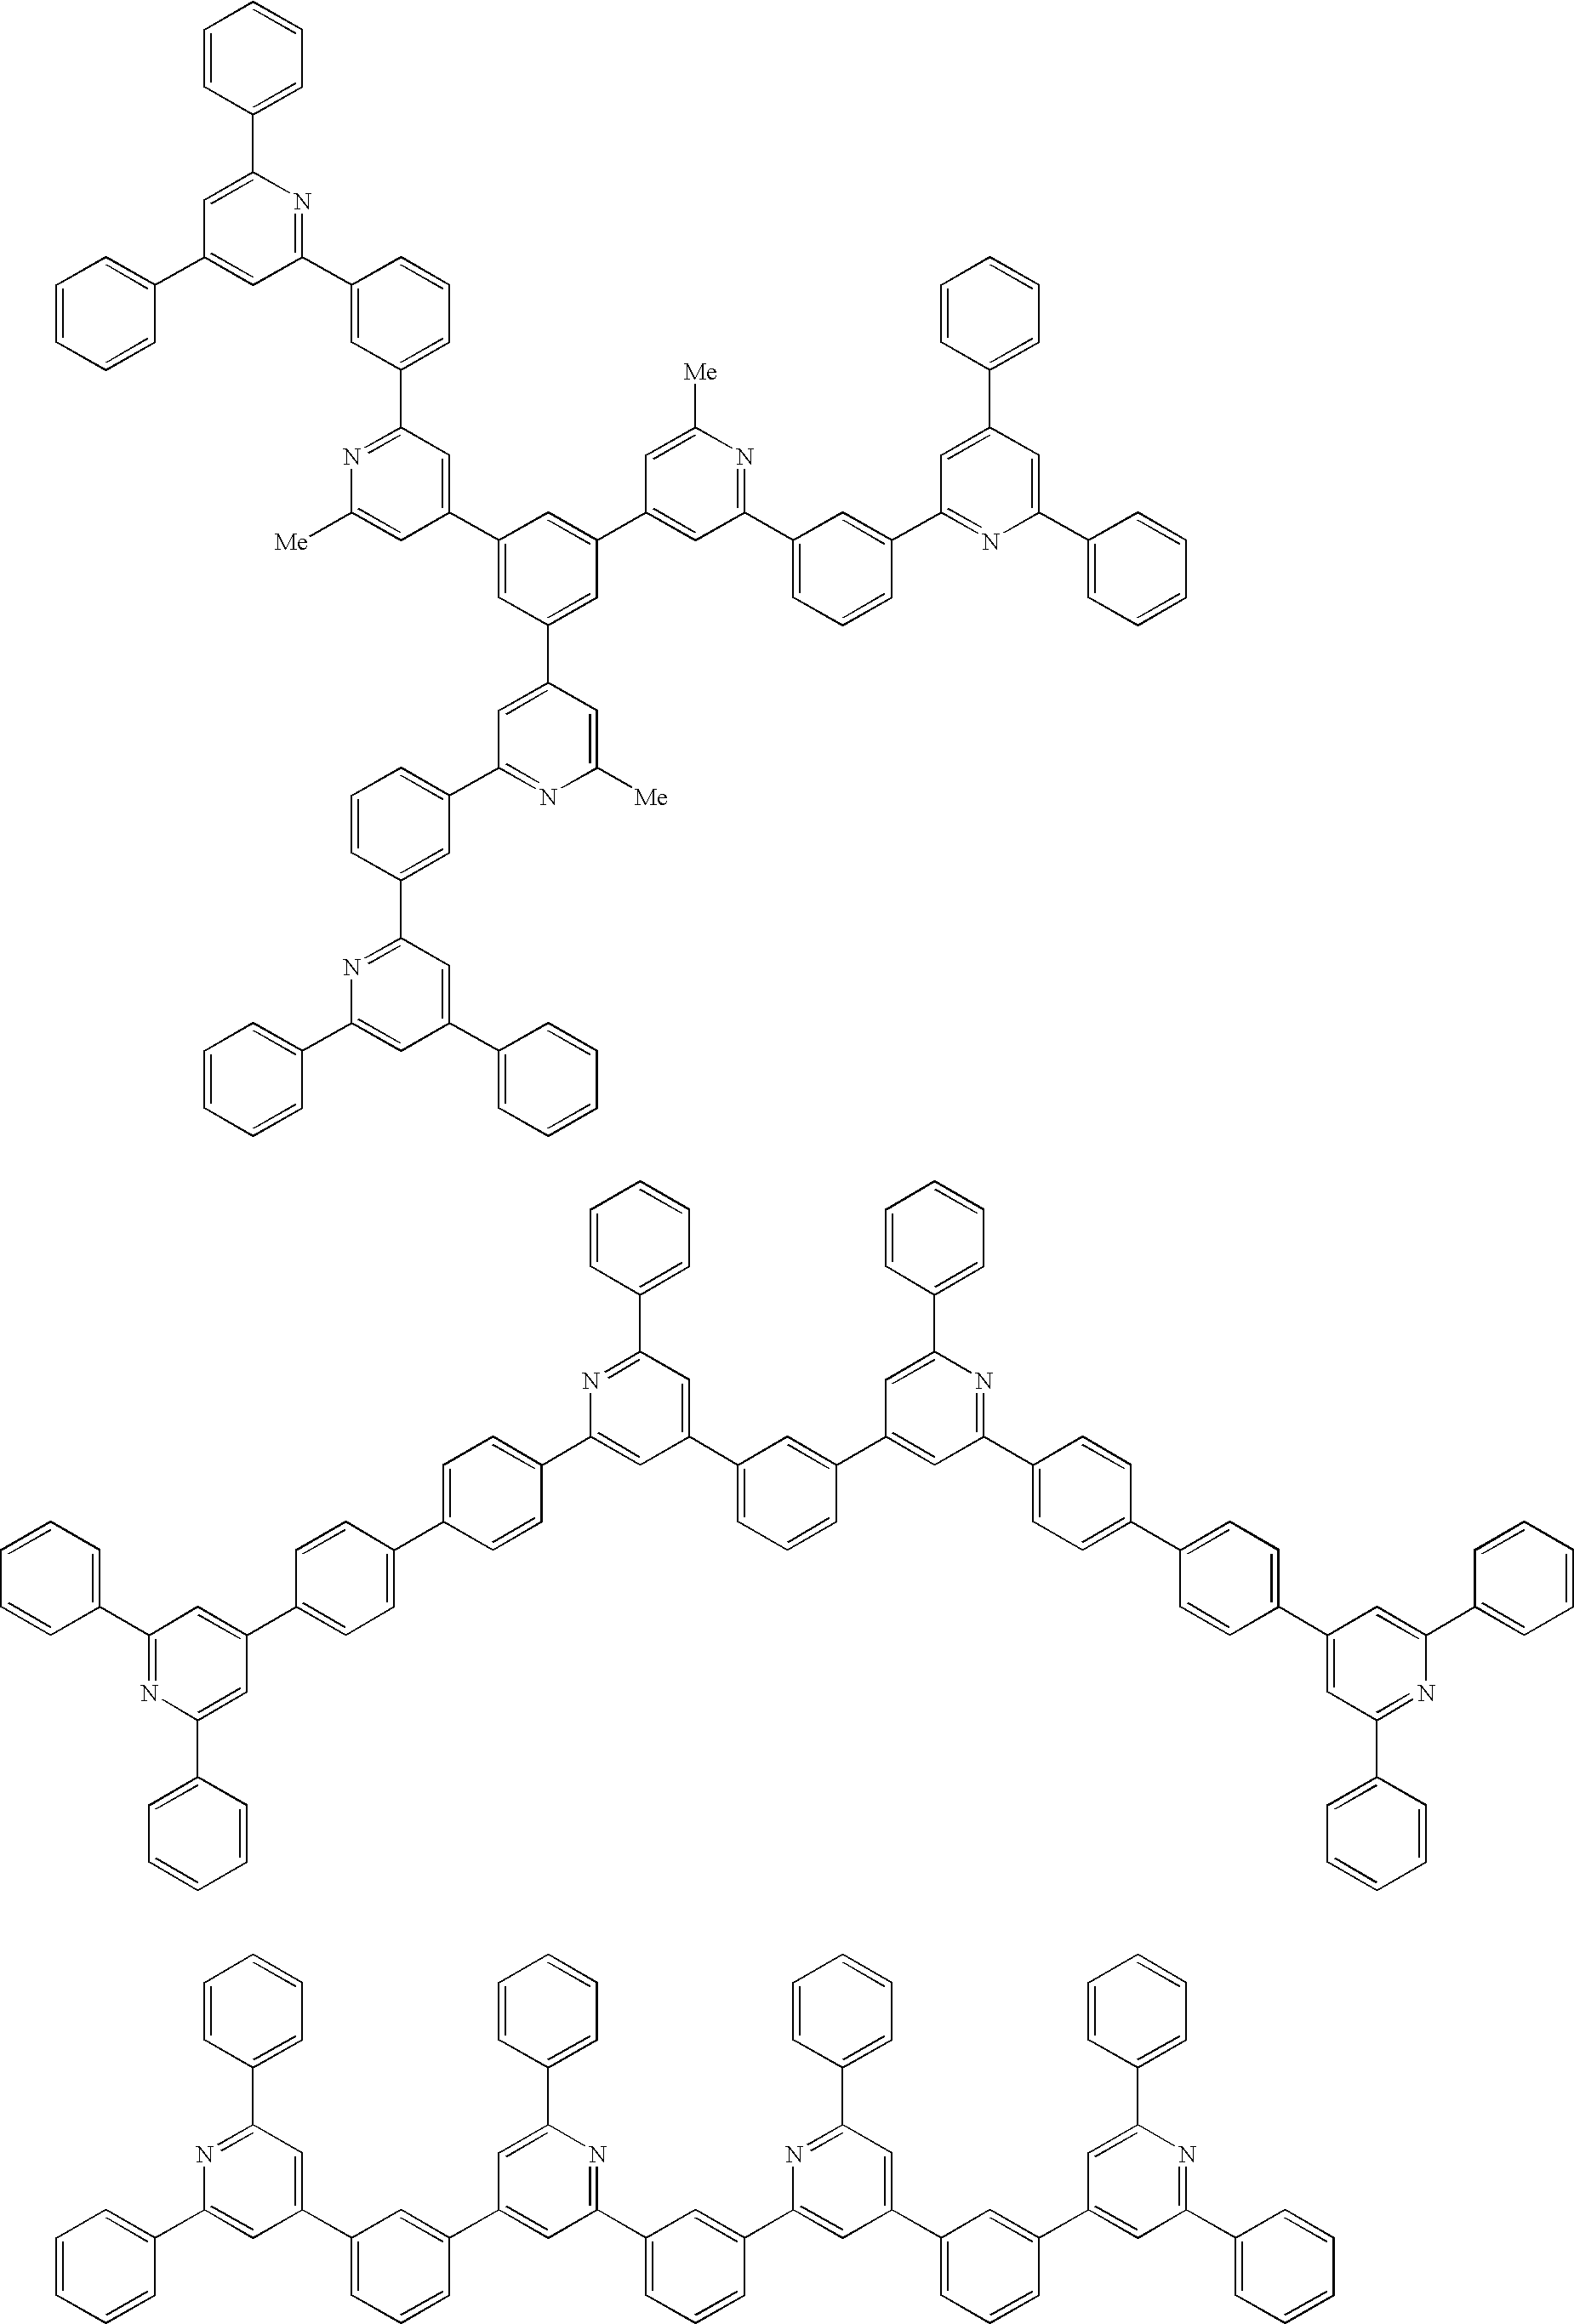 Figure US20060186796A1-20060824-C00125